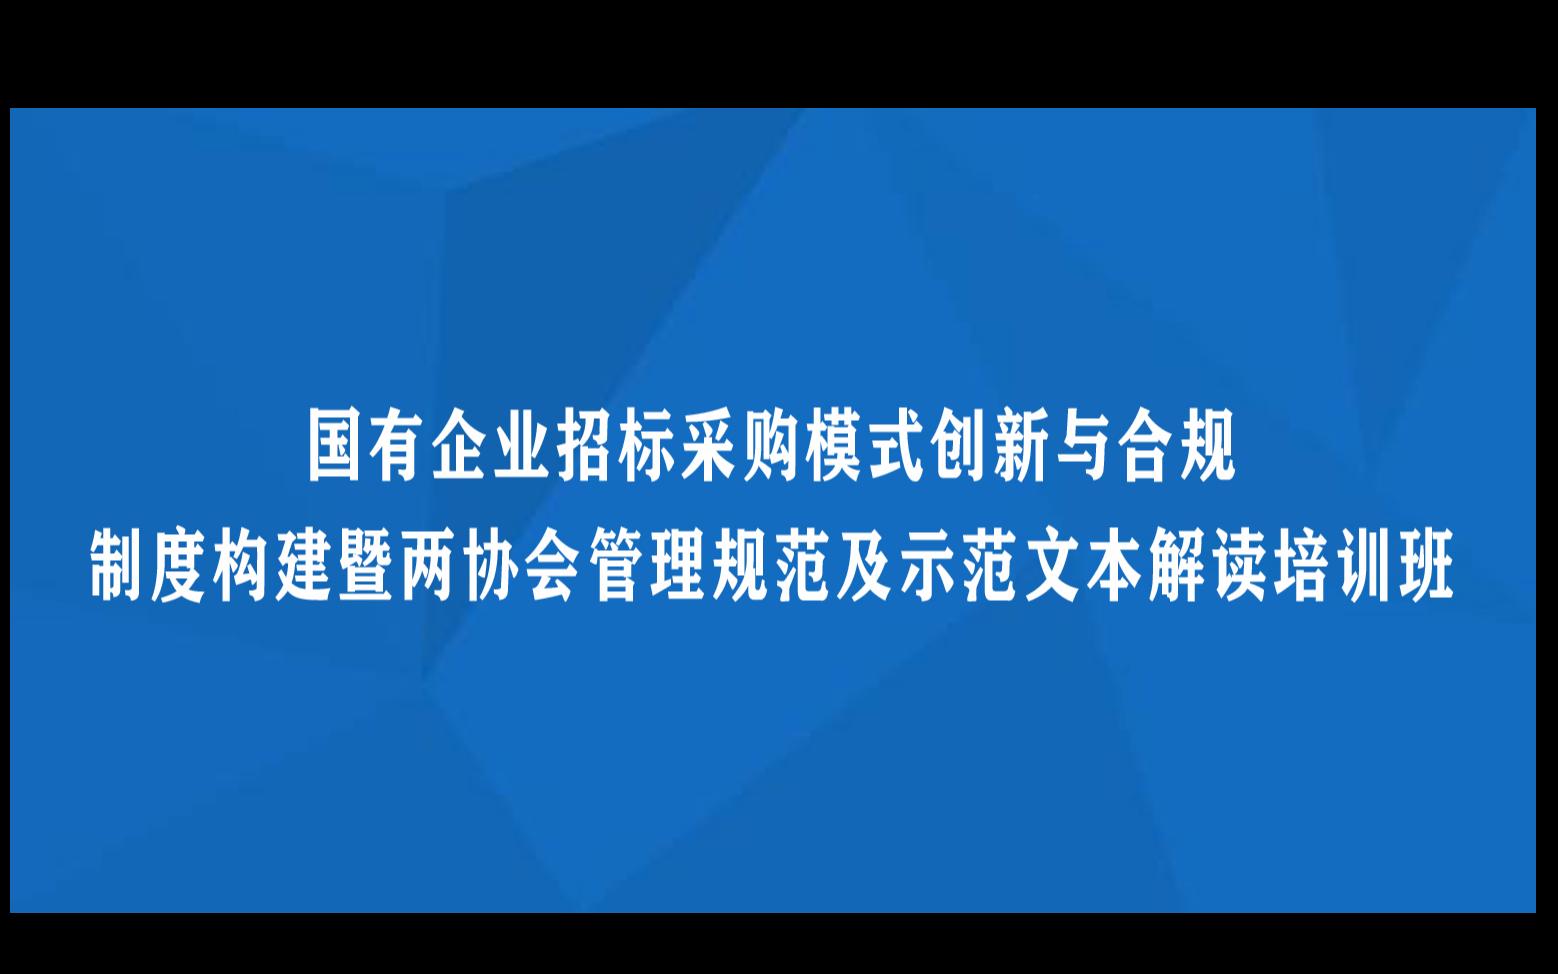 线下课程:国有企业招标采购模式创新与合规制度构建暨两协会管理规范及示范文本解读培训班(10月成都)